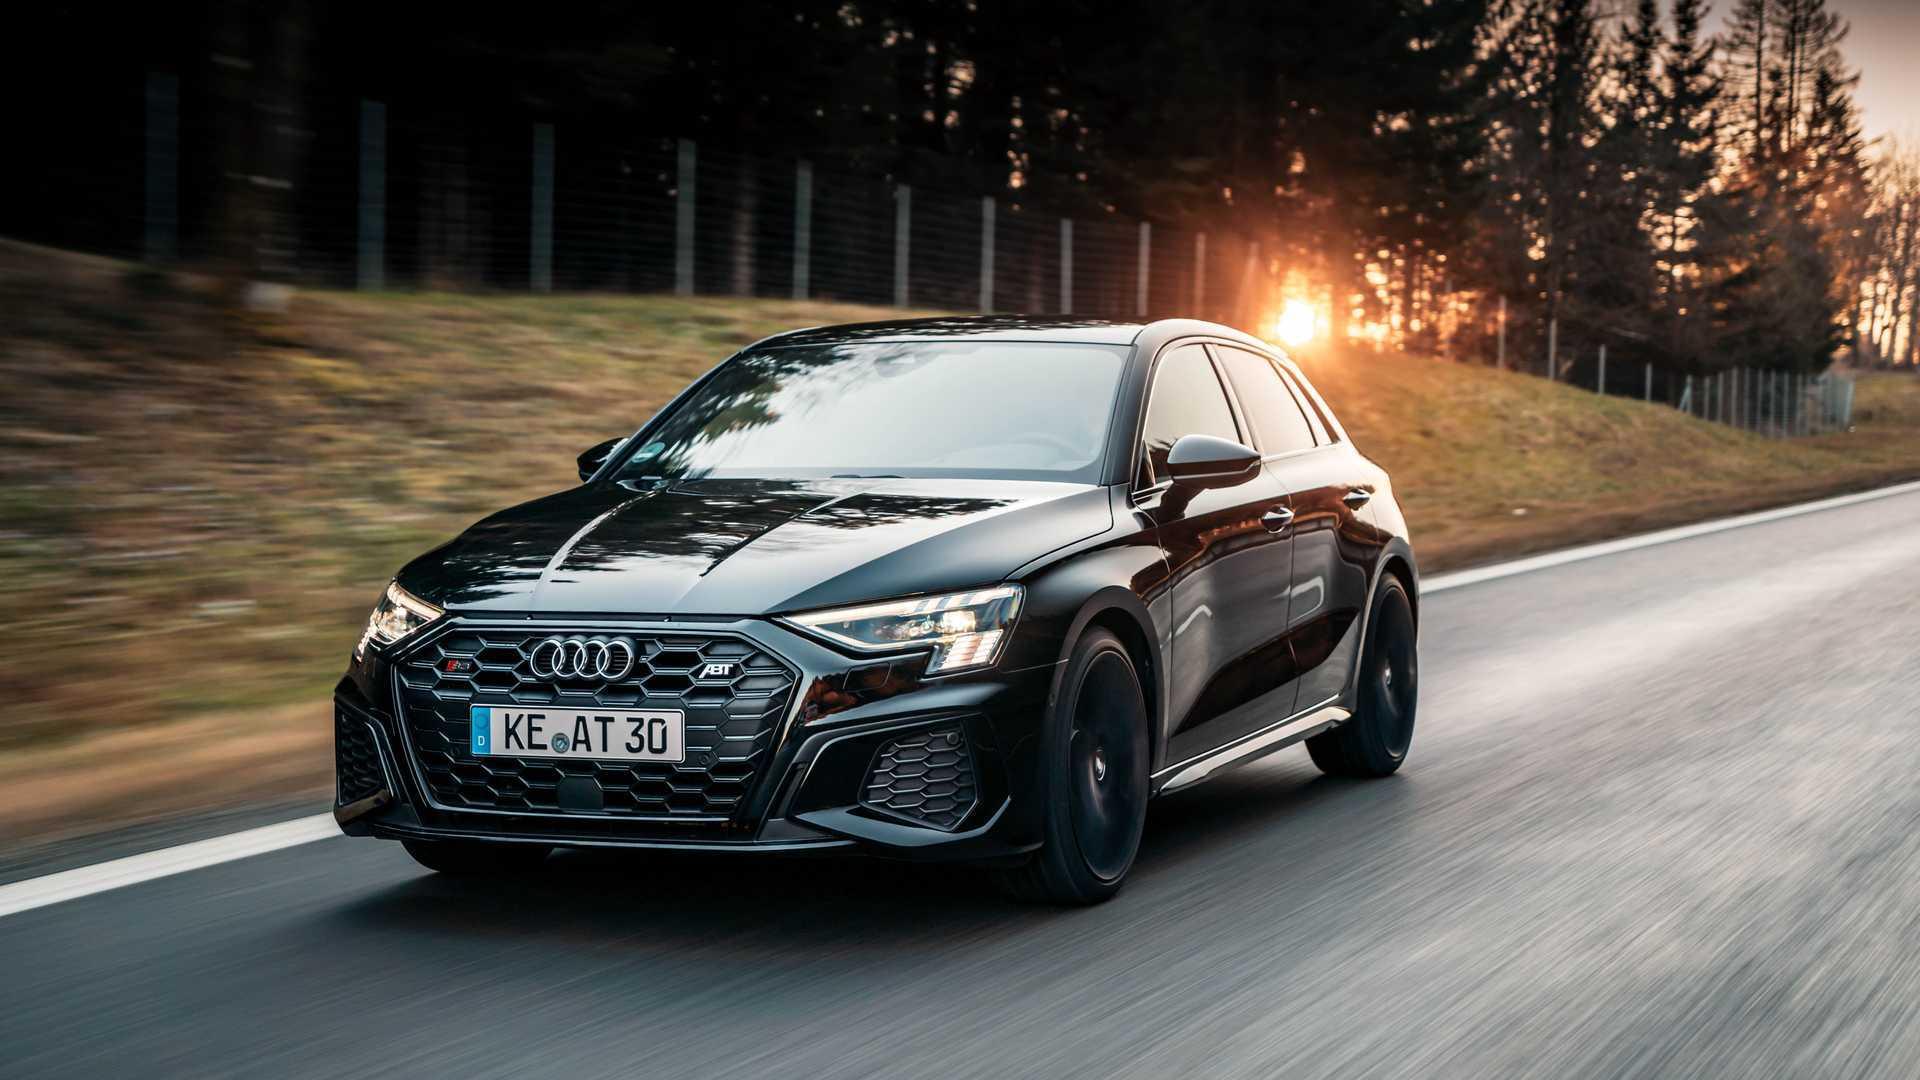 Tuner Abt Garap Audi S3 Performa Mesin Naik Kelas